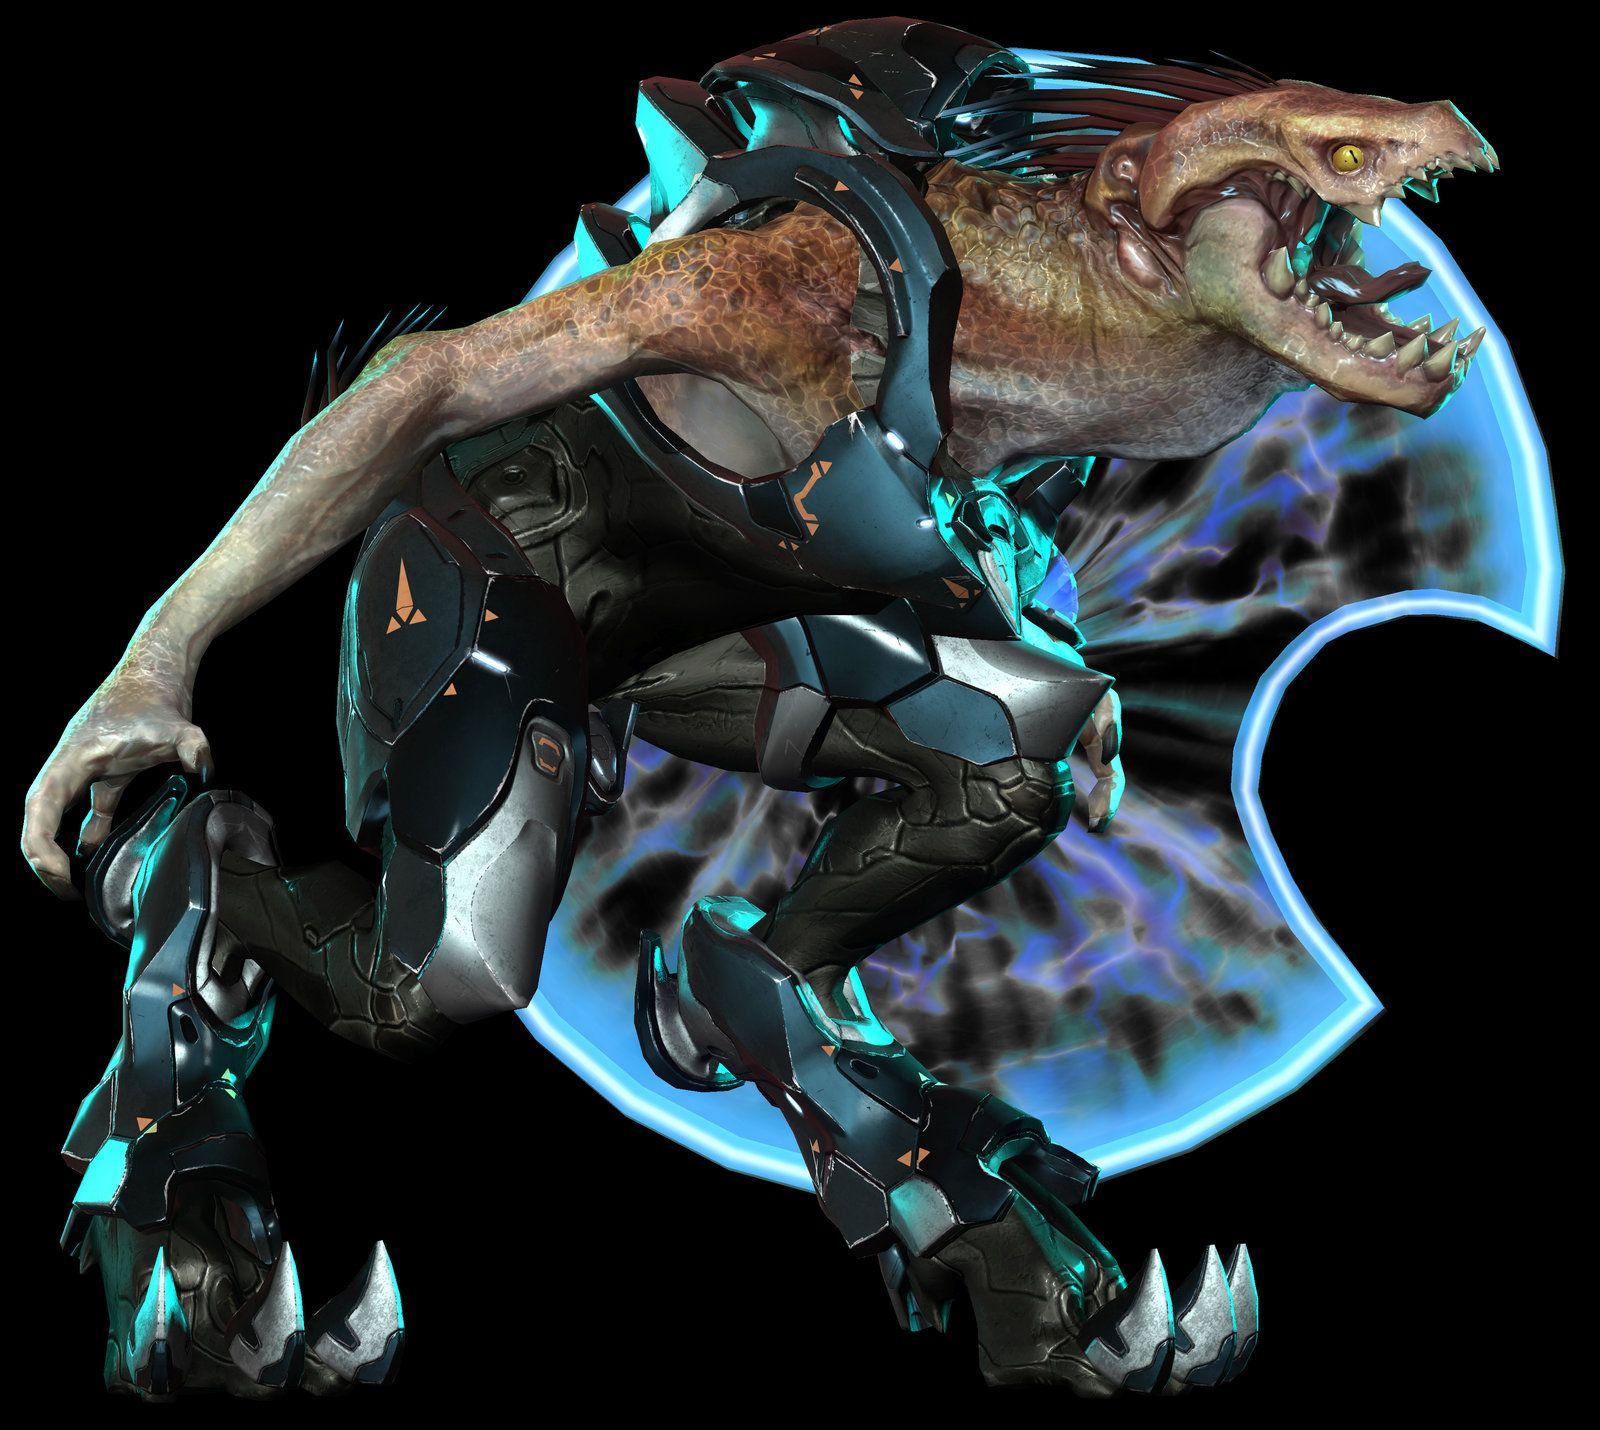 Halo4: Jackal Minor Game Res, Sean Binder on ArtStation at https ...